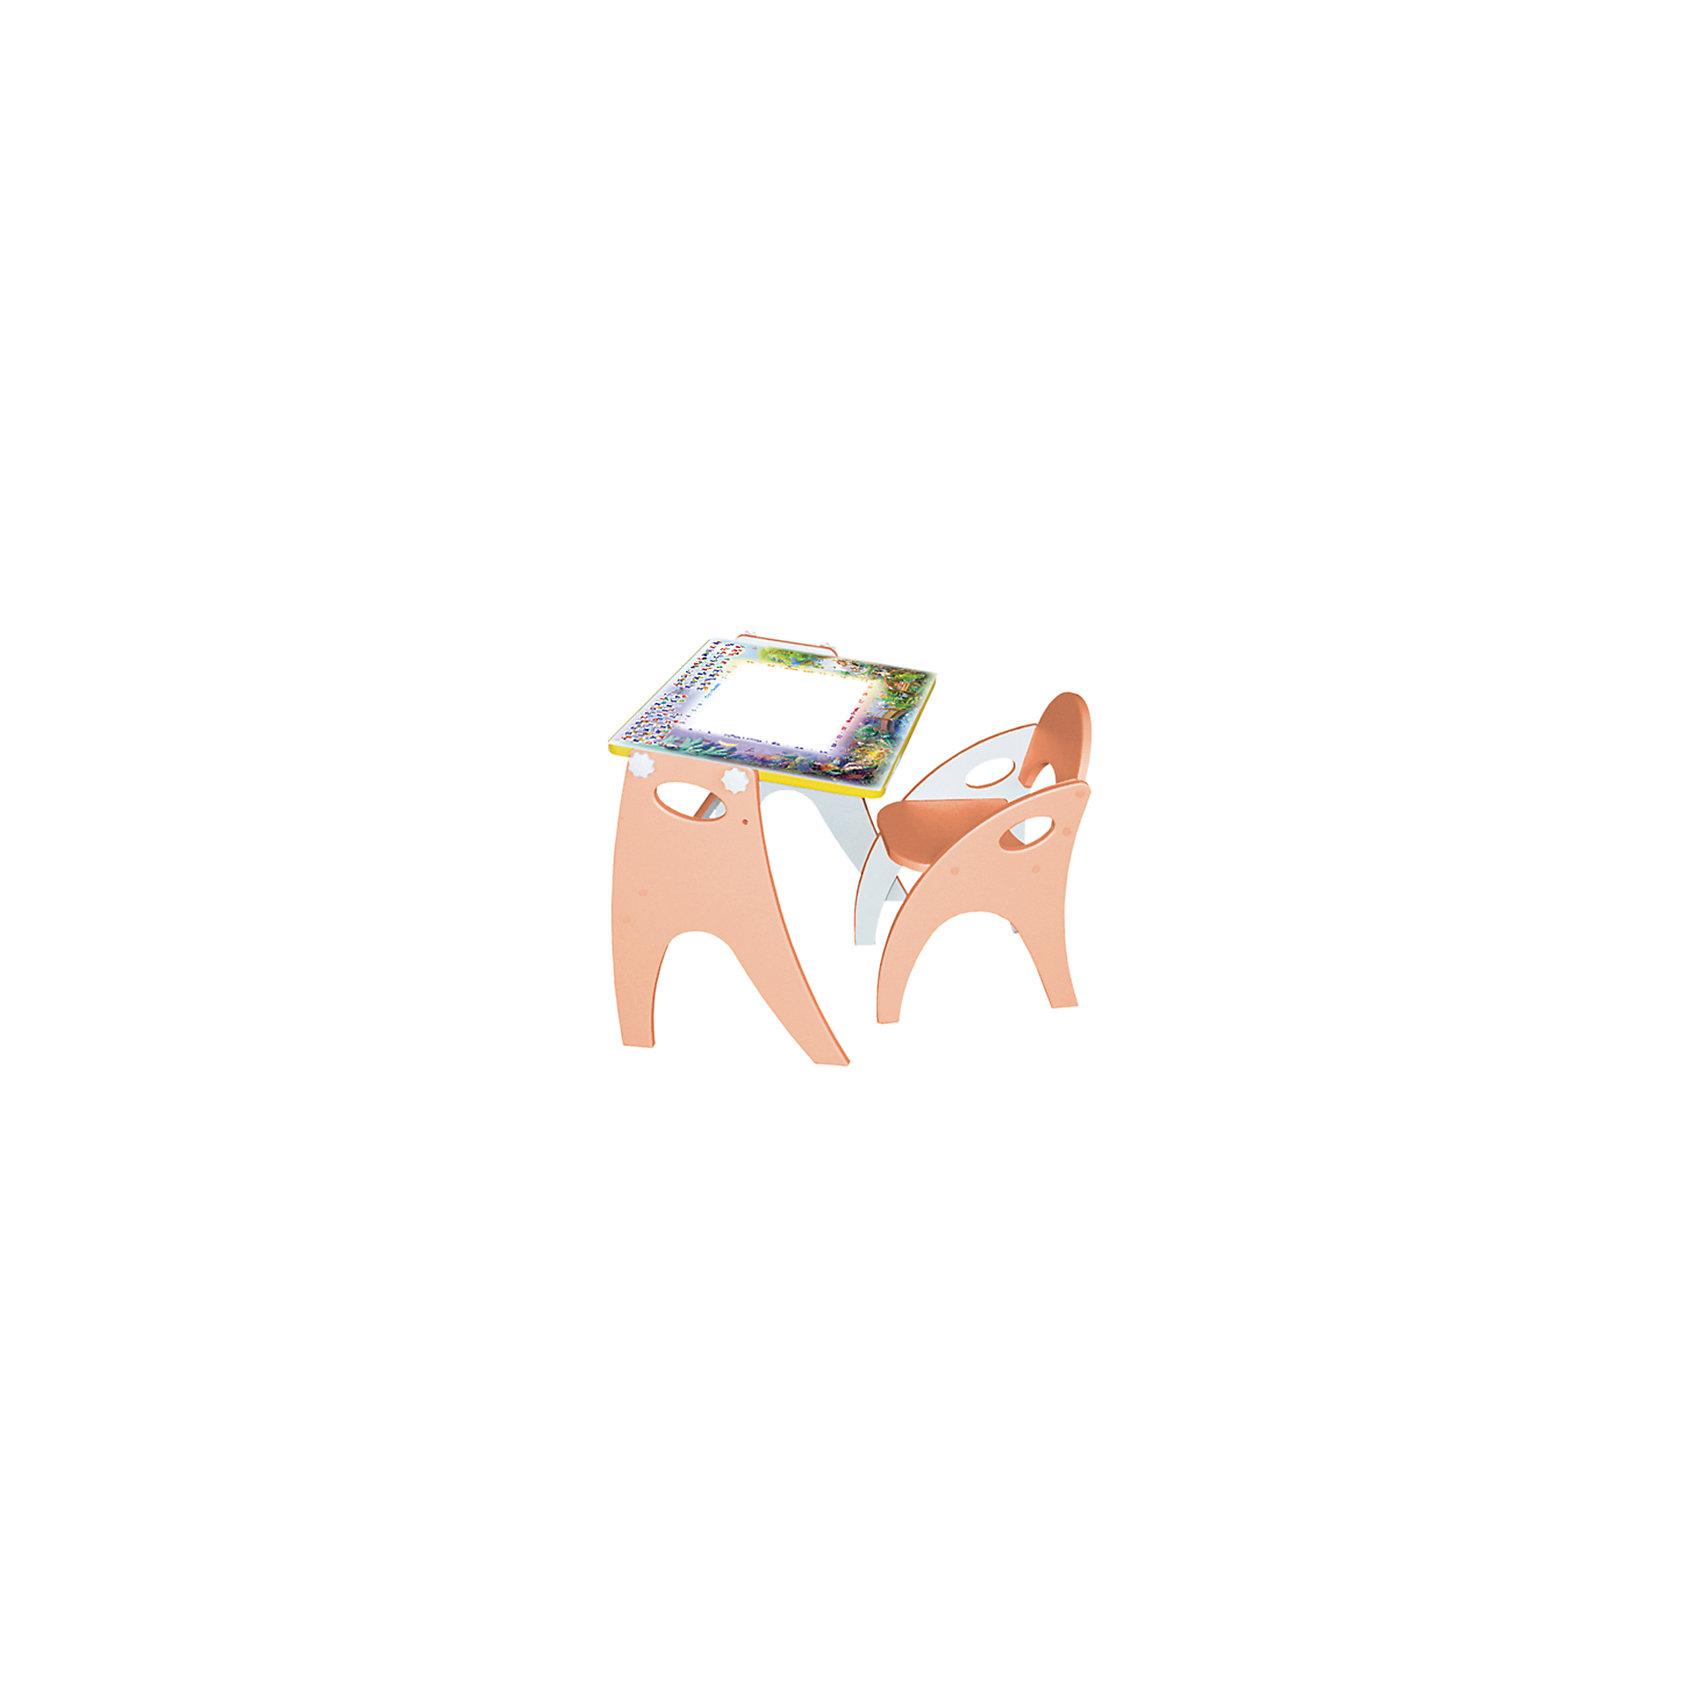 Набор мебели День-ночь, персиковыйНабор детской мебели День - ночь состоит из двух предметов: столик (трансформер) и стульчик.  Столик  имеет механизм трансформации, который позволяет превращать столик в парту и мольберт. Поворот осуществляется при помощи поворотного шарнира, а фиксация - скрепляющими барашками. <br>Столешница парты изготавливается из МДФ и с одной стороны имеет маркерную, с другой - грифельную поверхность.<br><br>Дополнительная информация:<br><br>- Цвет: персиковый<br>- Материал: МДФ<br>- Возраст: от 3-х лет<br>- Вес: 11.5 кг. <br><br>Набор мебели День - ночь в  персиковом цвете, можно купить в нашем магазине<br><br>Ширина мм: 600<br>Глубина мм: 120<br>Высота мм: 450<br>Вес г: 11500<br>Возраст от месяцев: 36<br>Возраст до месяцев: 108<br>Пол: Унисекс<br>Возраст: Детский<br>SKU: 4718345